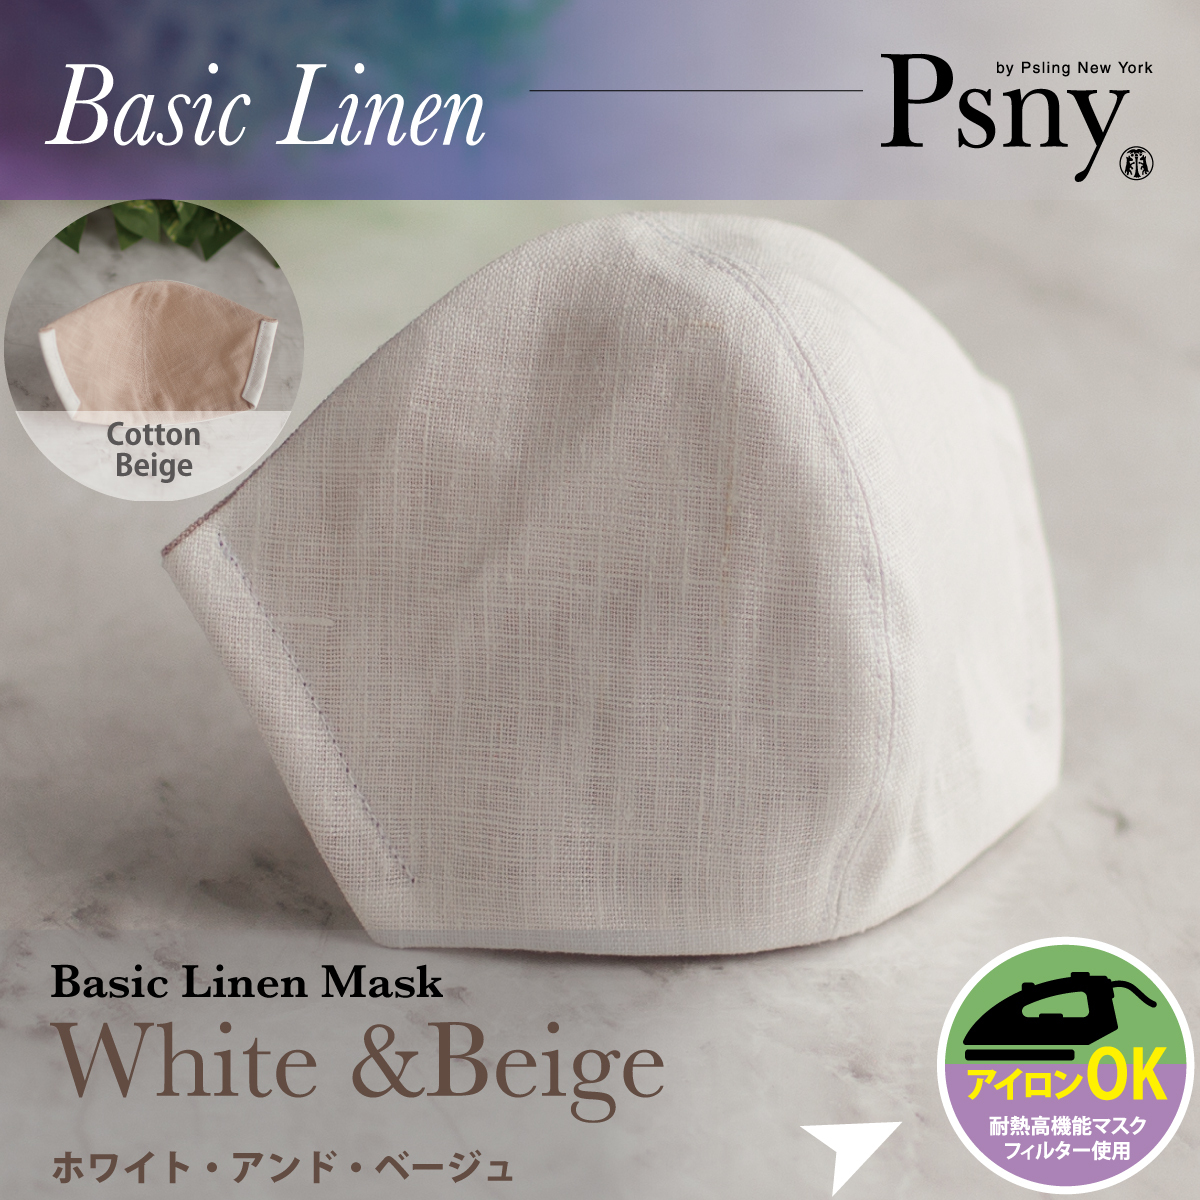 PSNY ベーシックリネン・ホワイト&ベージュ 花粉 黄砂 洗える不織布フィルター入り 立体 大人用 マスク 送料無料 BL1